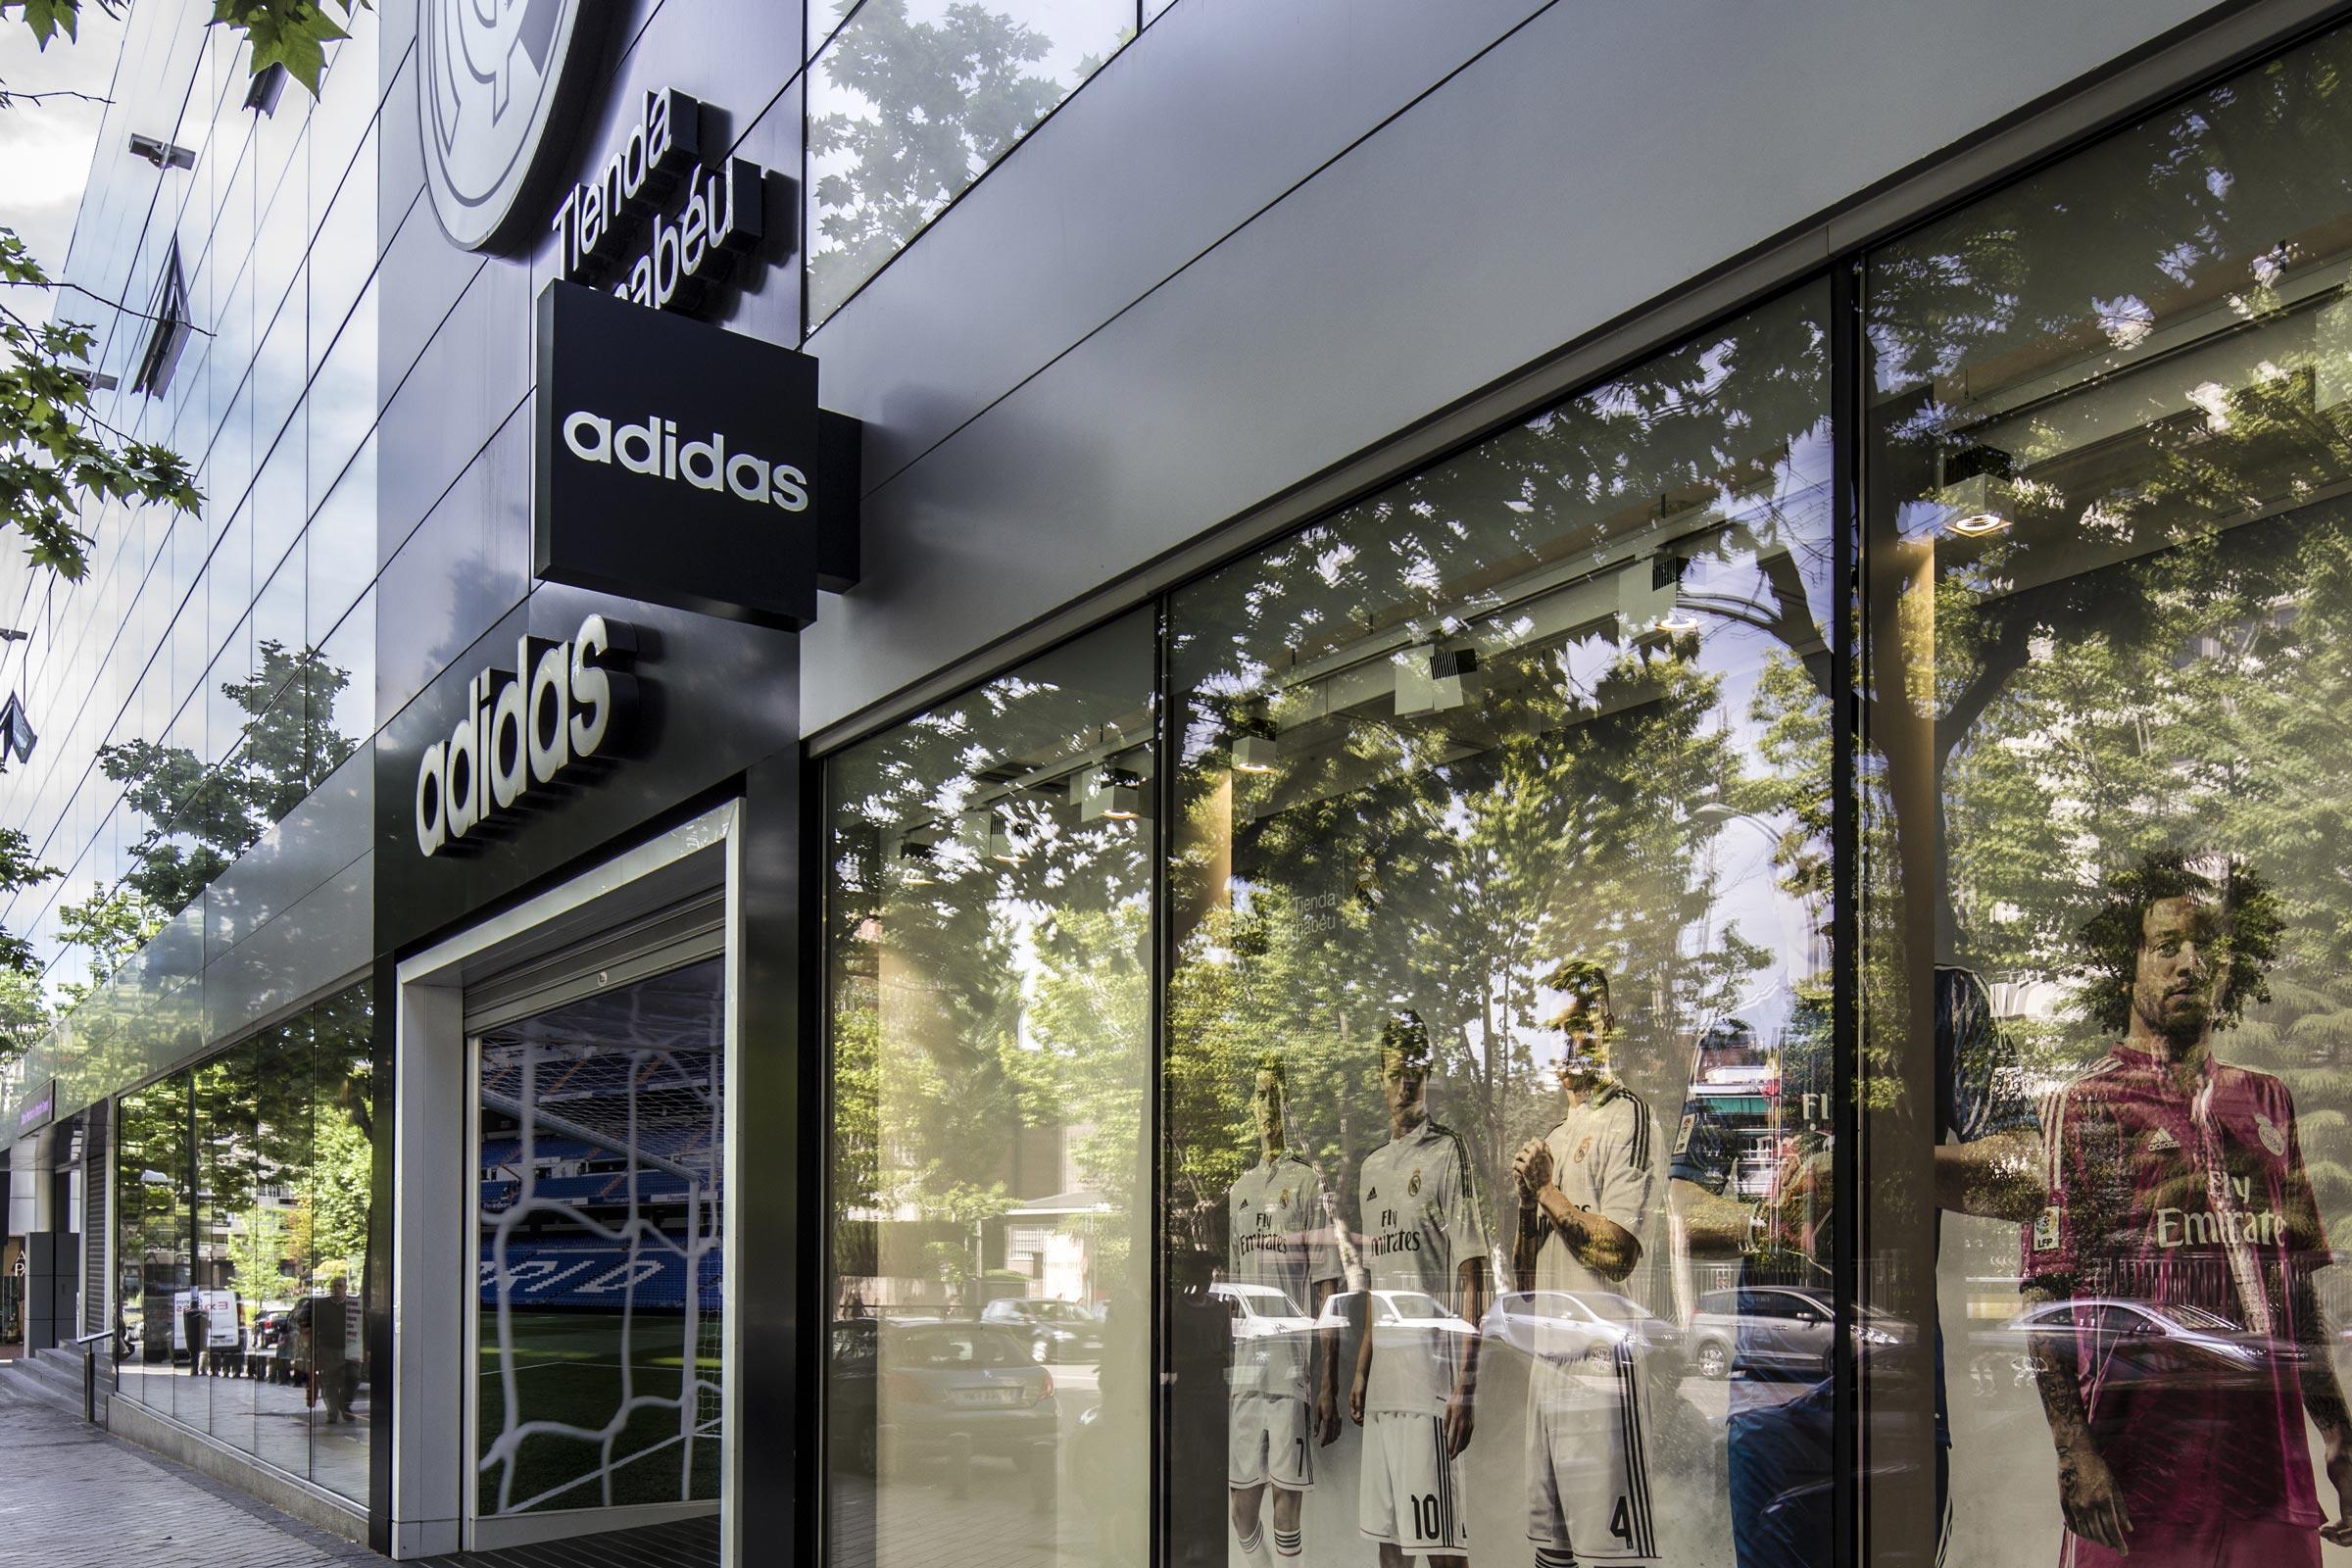 Él mismo Industrializar Refinar  el değmemiş doğa geleneksel Perfore tienda adidas calle fuencarral madrid -  biogadixital.org